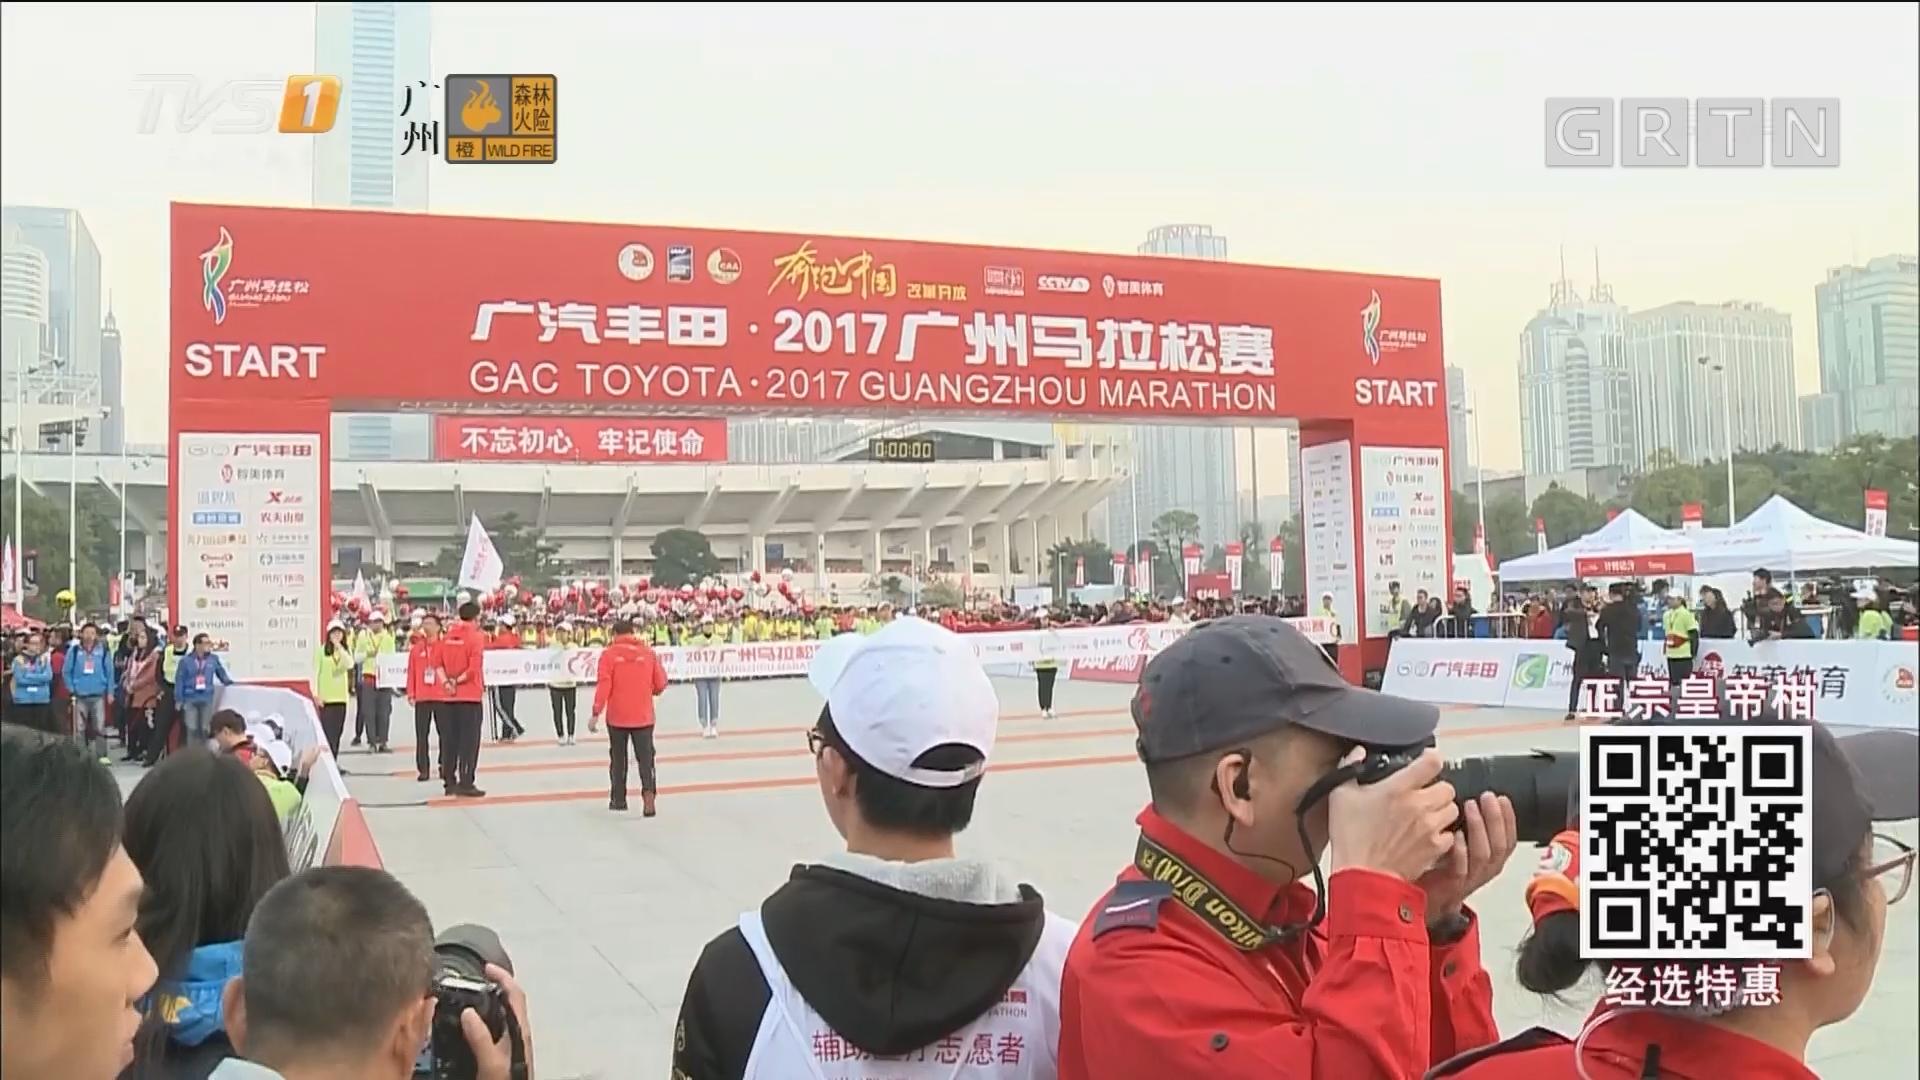 2017广马今早开跑 三万街坊参赛热动羊城